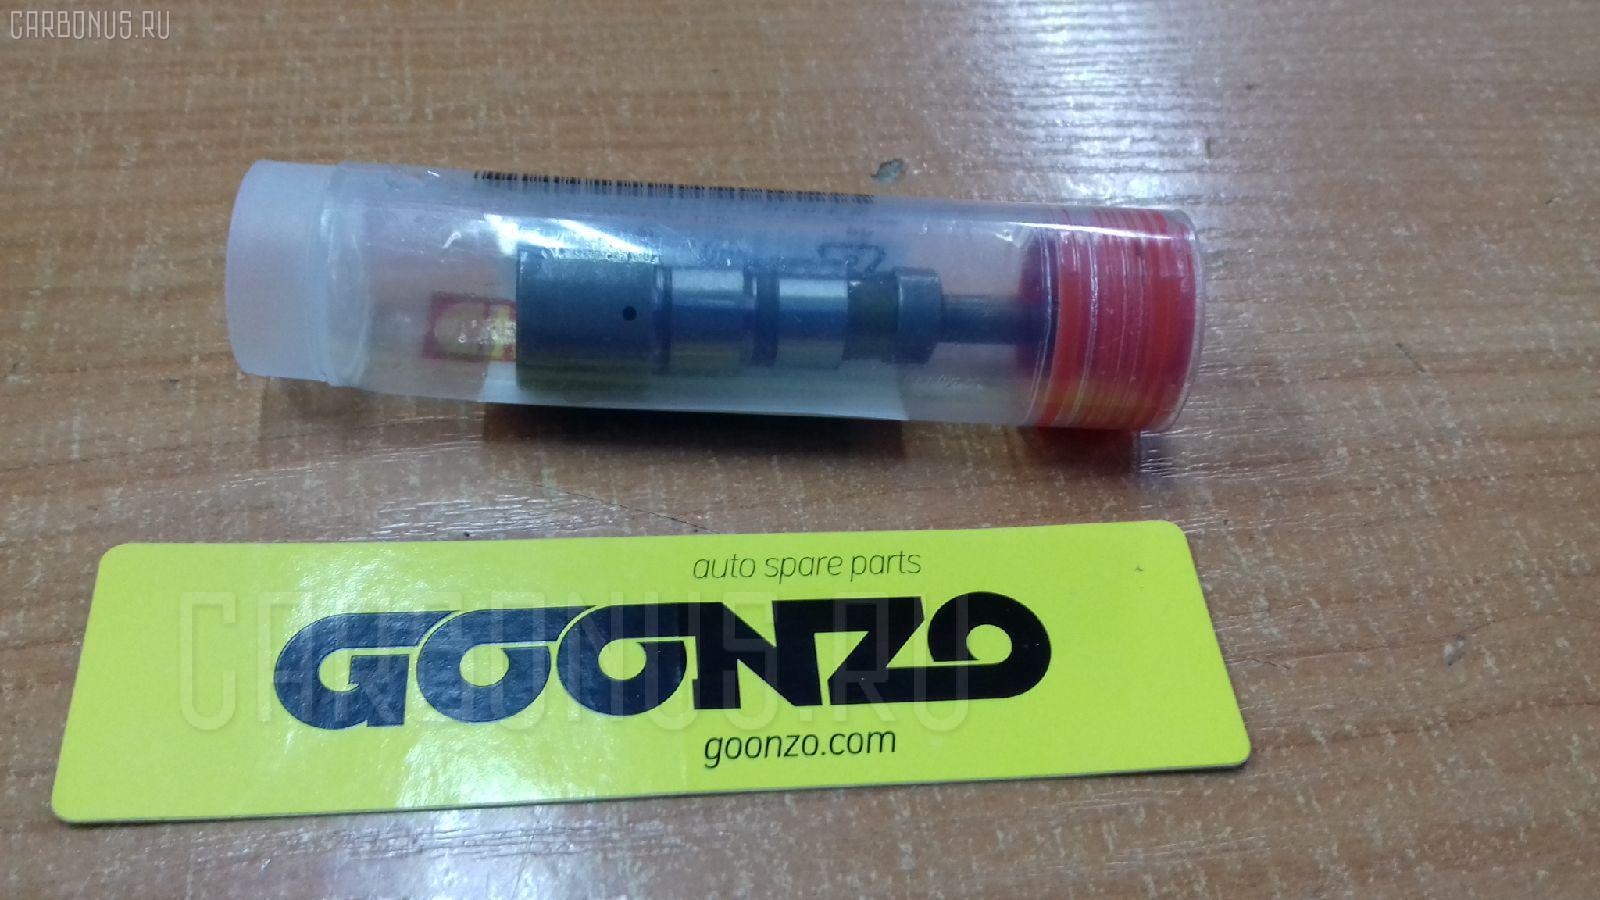 Плунжер GOONZO GZ-145-0020 на Komatsu Ec35zsb2 3D95S Фото 1